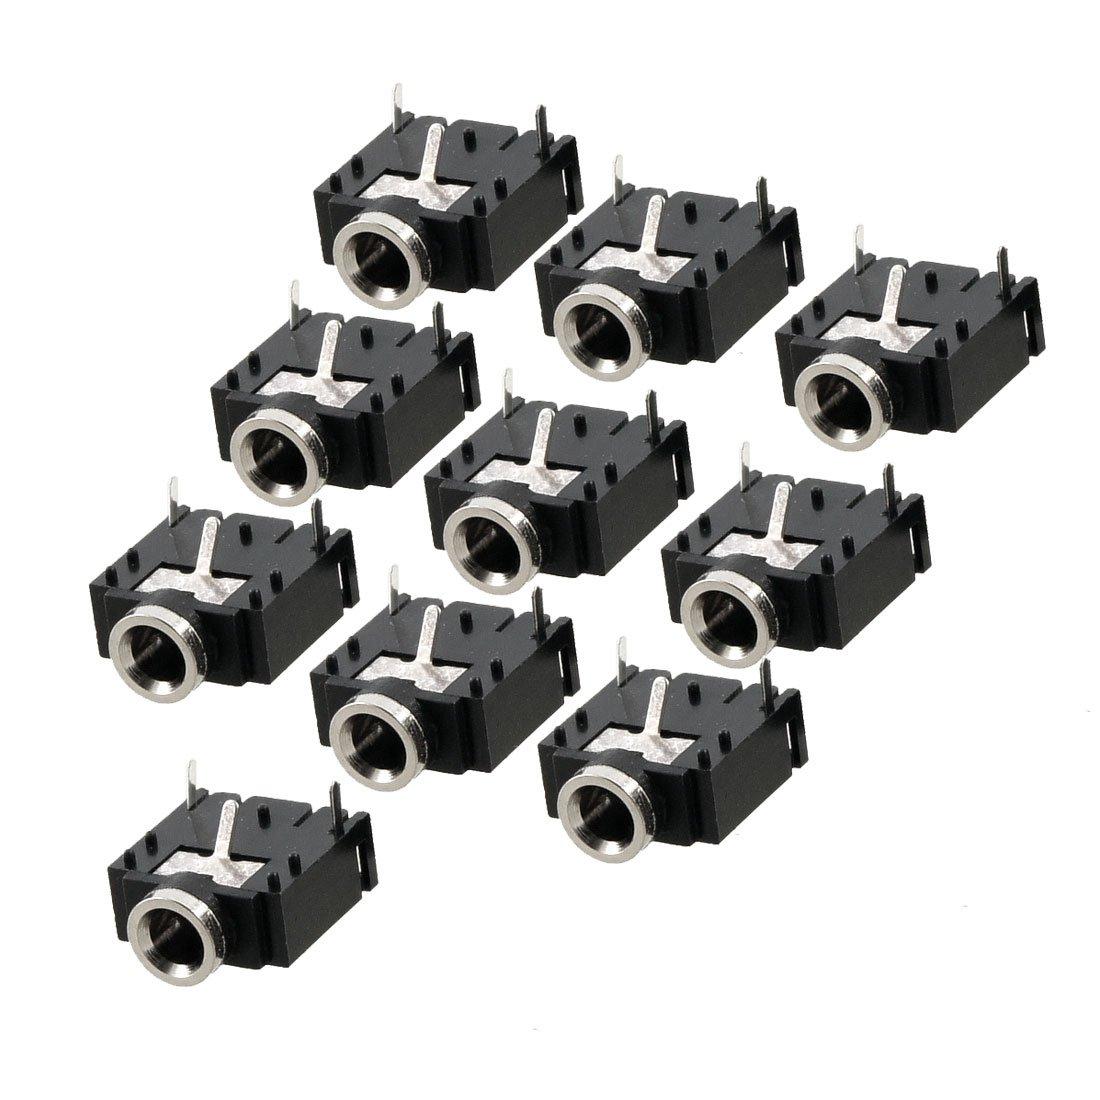 Гаджет  2015 Hot And New10 Pcs 3 Pin PCB Mount Female 3.5mm Stereo Jack Socket Connector None Электротехническое оборудование и материалы